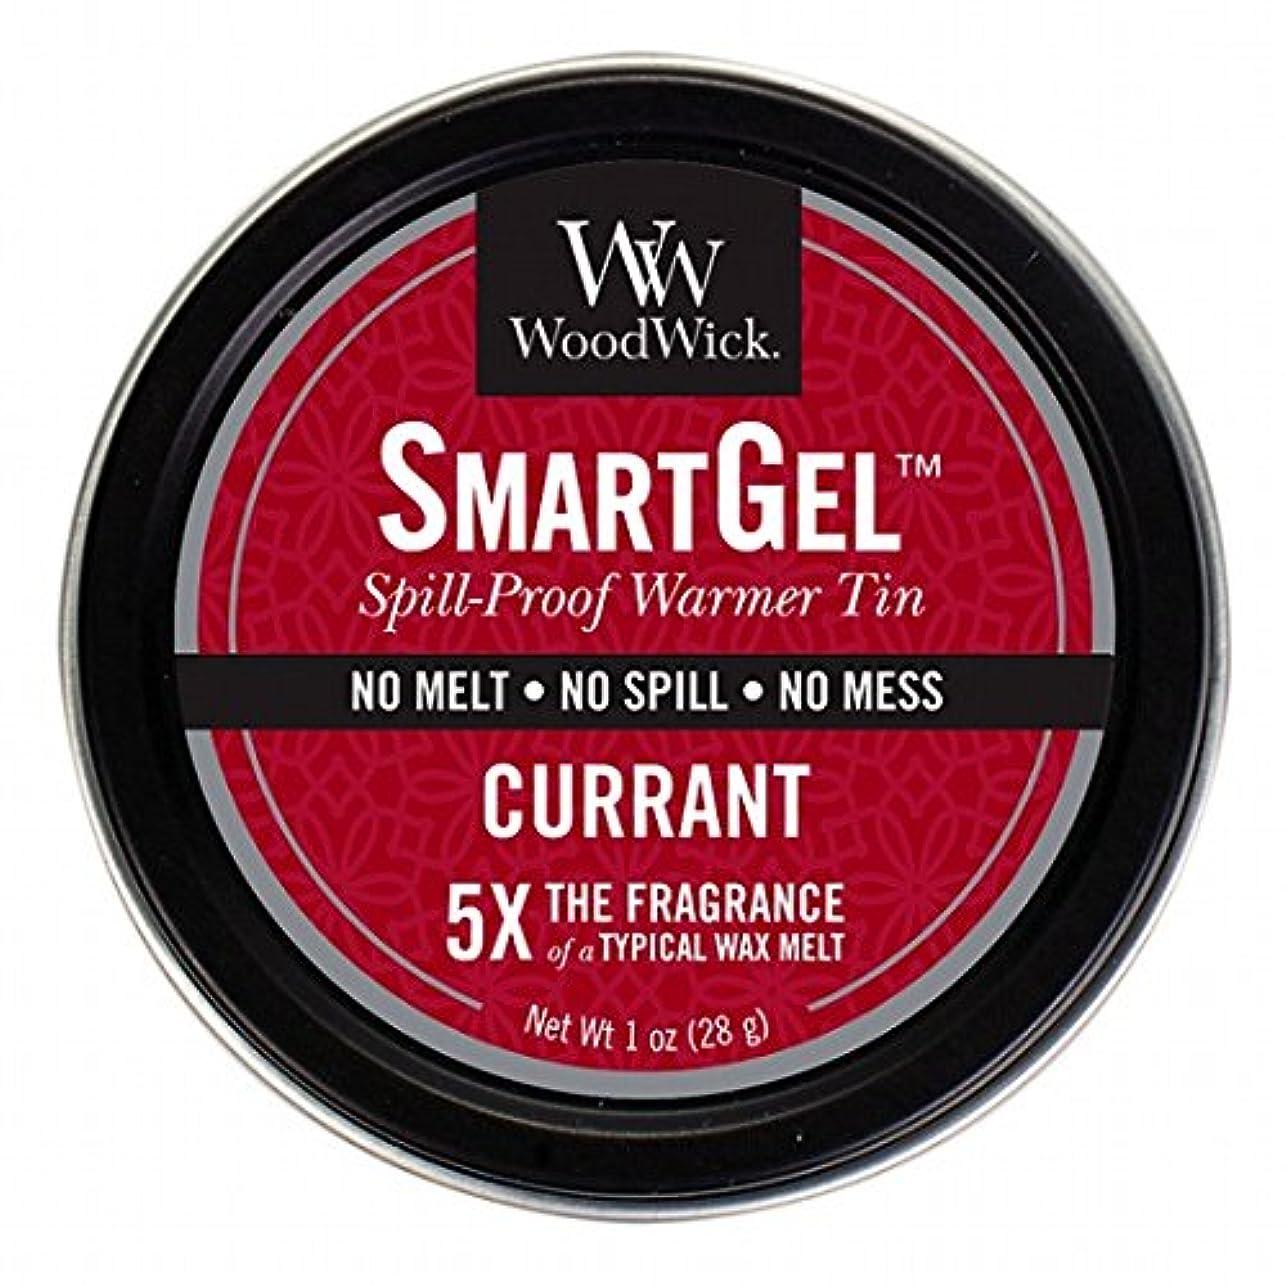 不毛電池気味の悪いWoodWick(ウッドウィック) Wood Wickスマートジェル 「 カラント 」W9630520(W9630520)